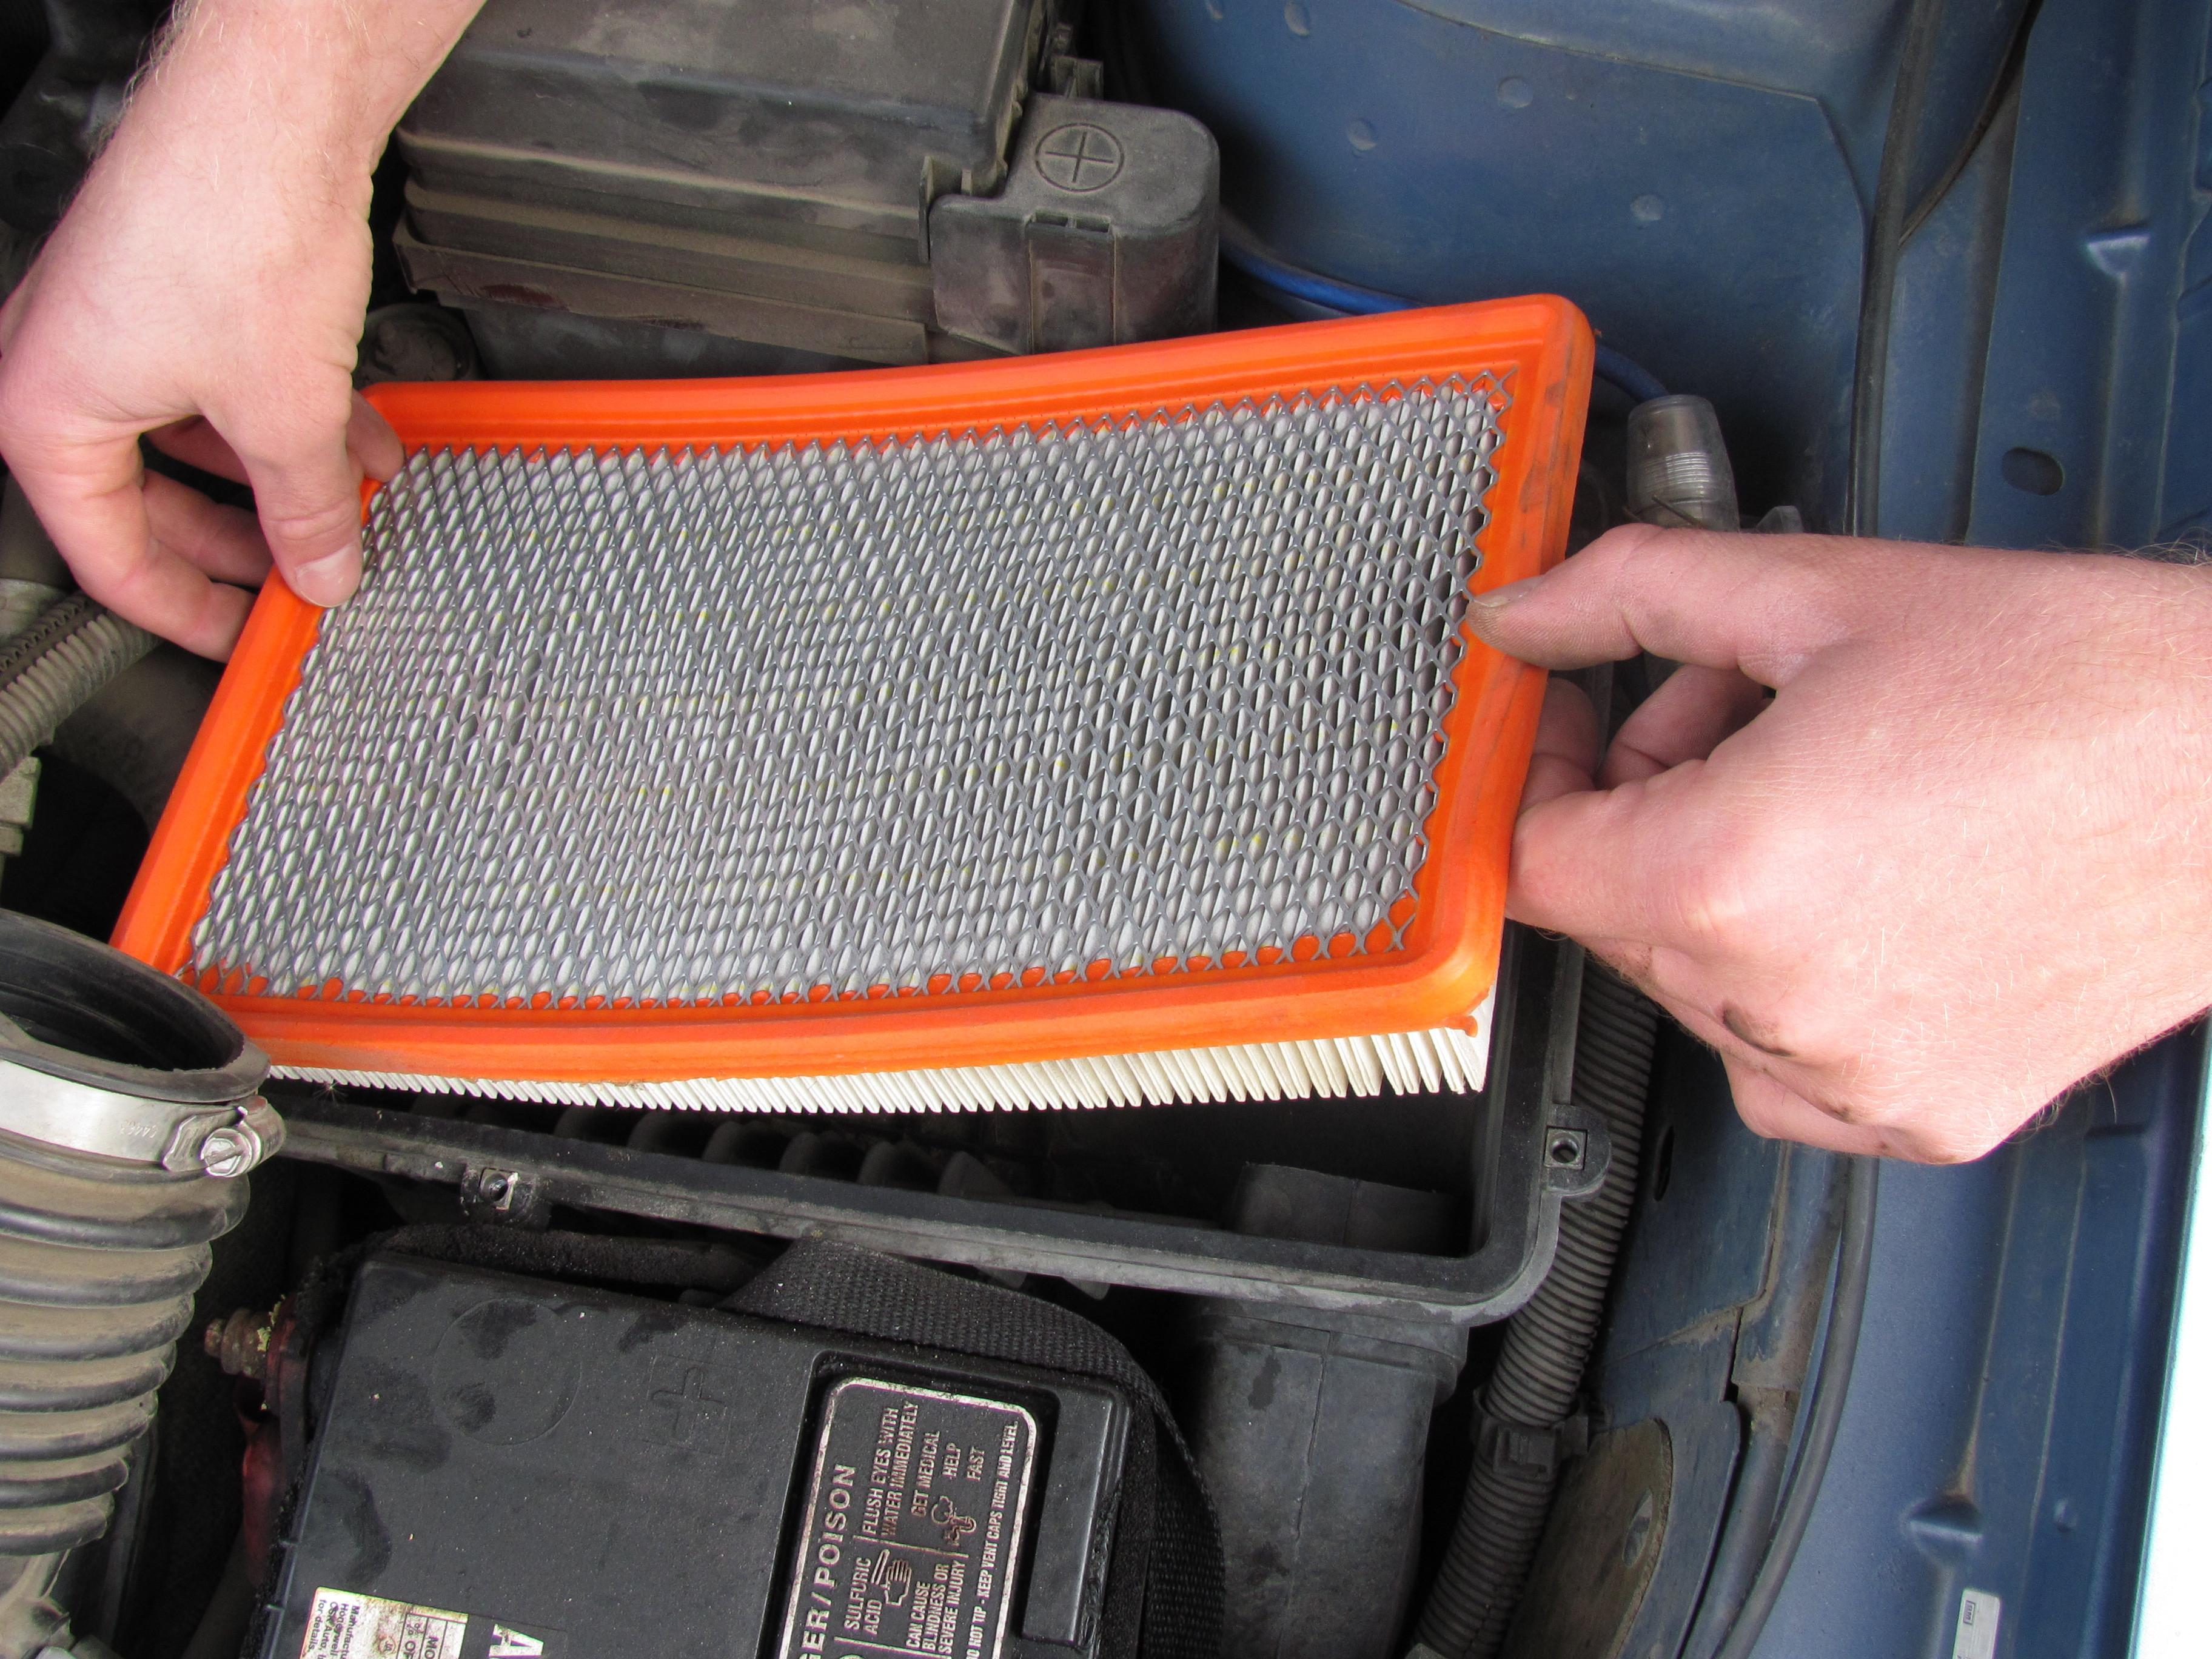 1997 2003 Chevrolet Malibu Repair 1998 1999 2000 2001 Chevy Silverado Fuel Filter Location Air